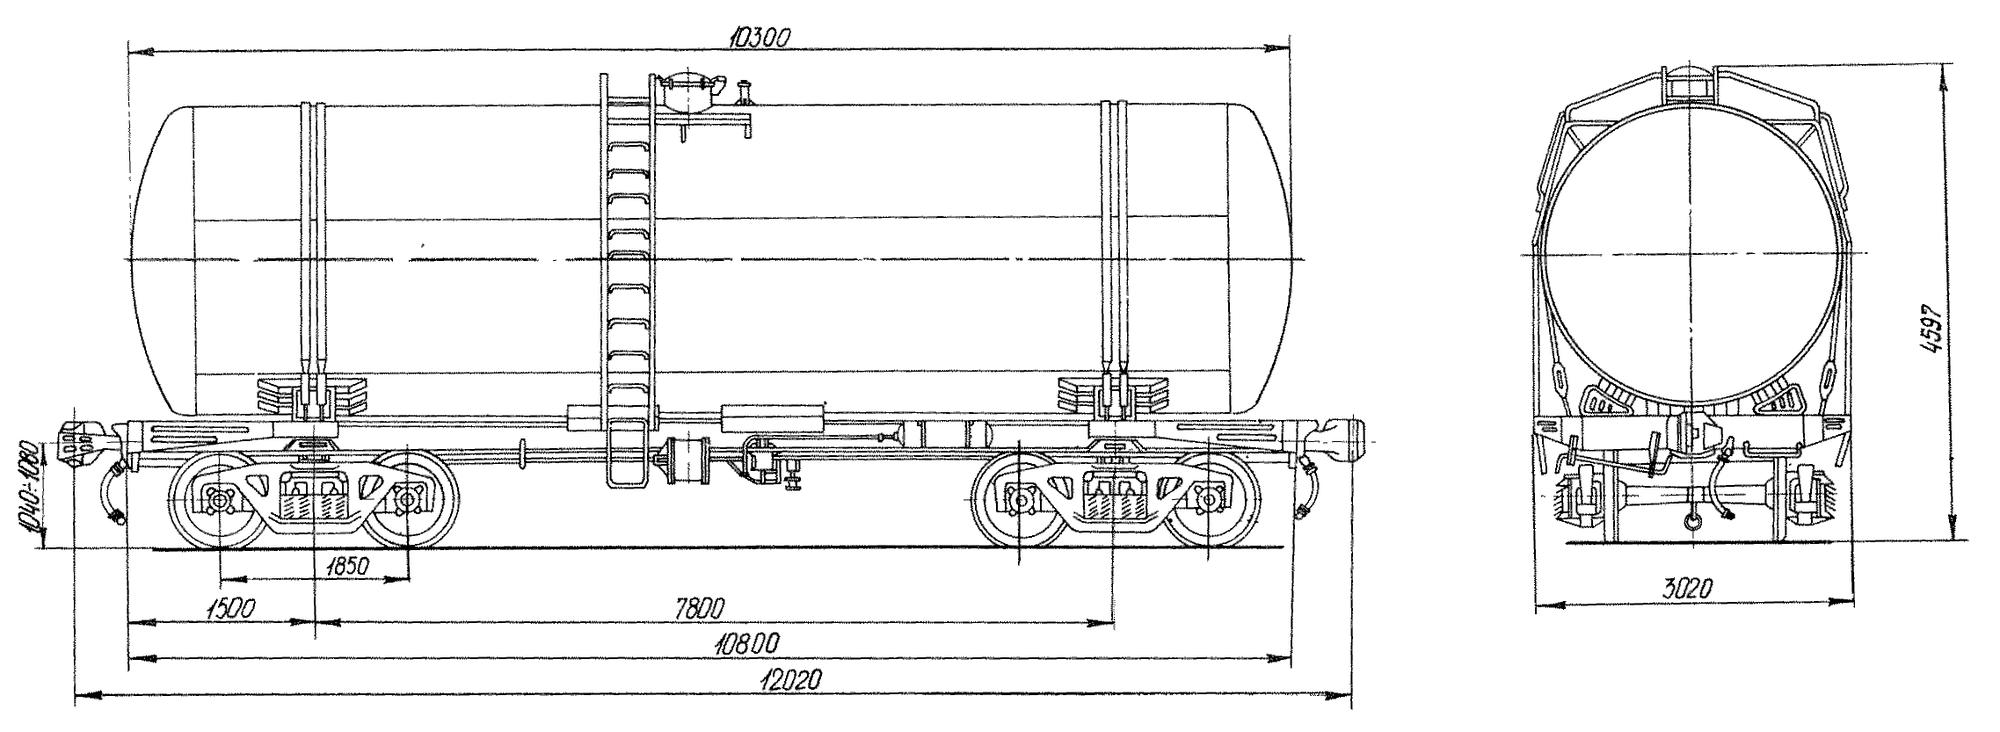 4-осная цистерна для бензина и нефти с объемом котла 60 м3 с тормозной площадкой